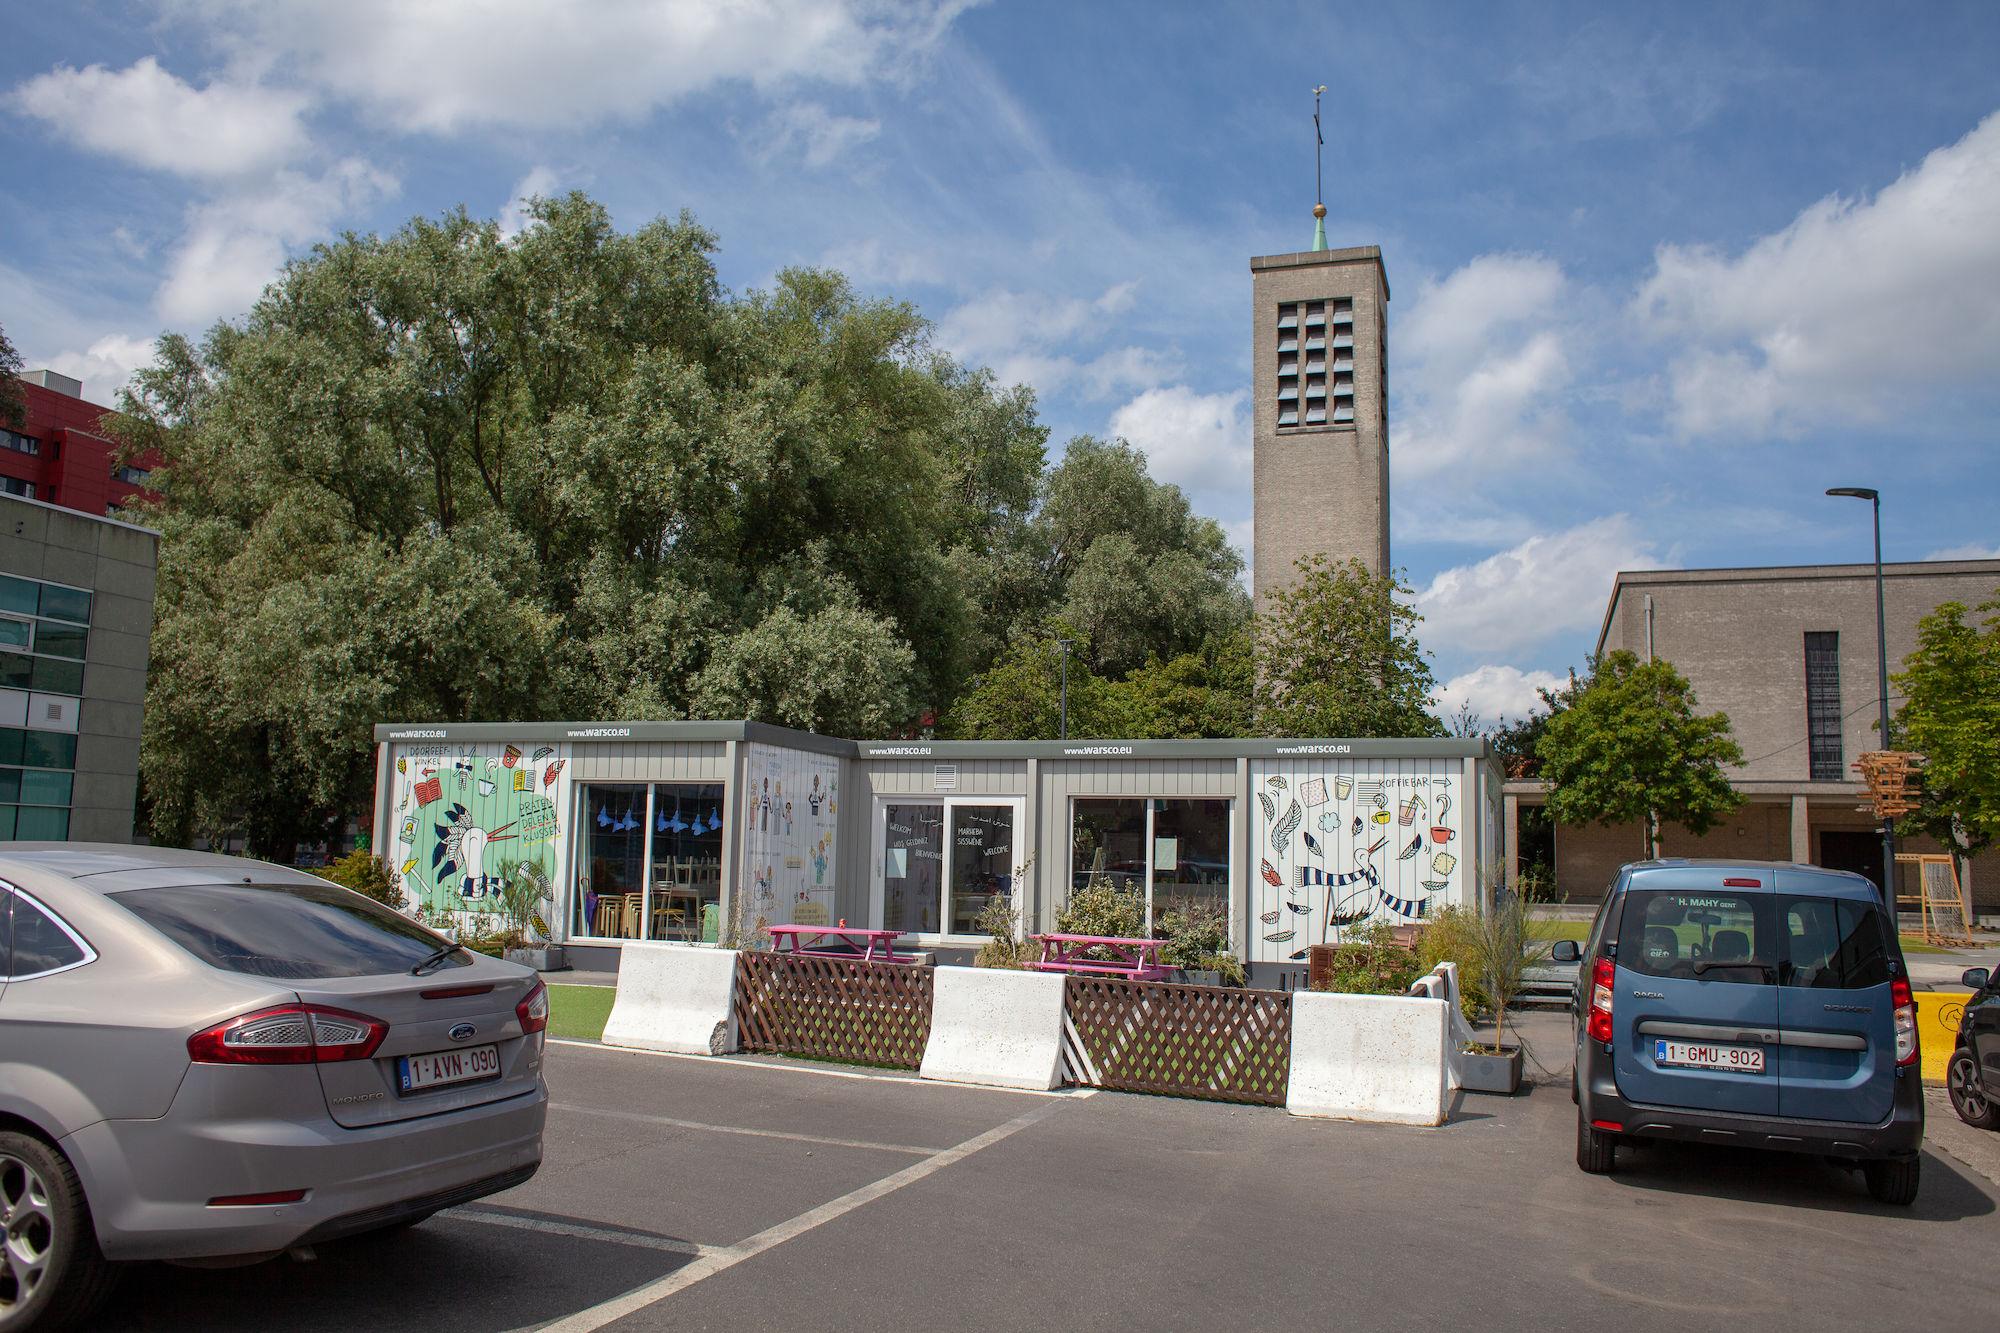 2019-07-01 Nieuw Gent prospectie met Wannes_stadsvernieuwing_IMG_0236-3.jpg